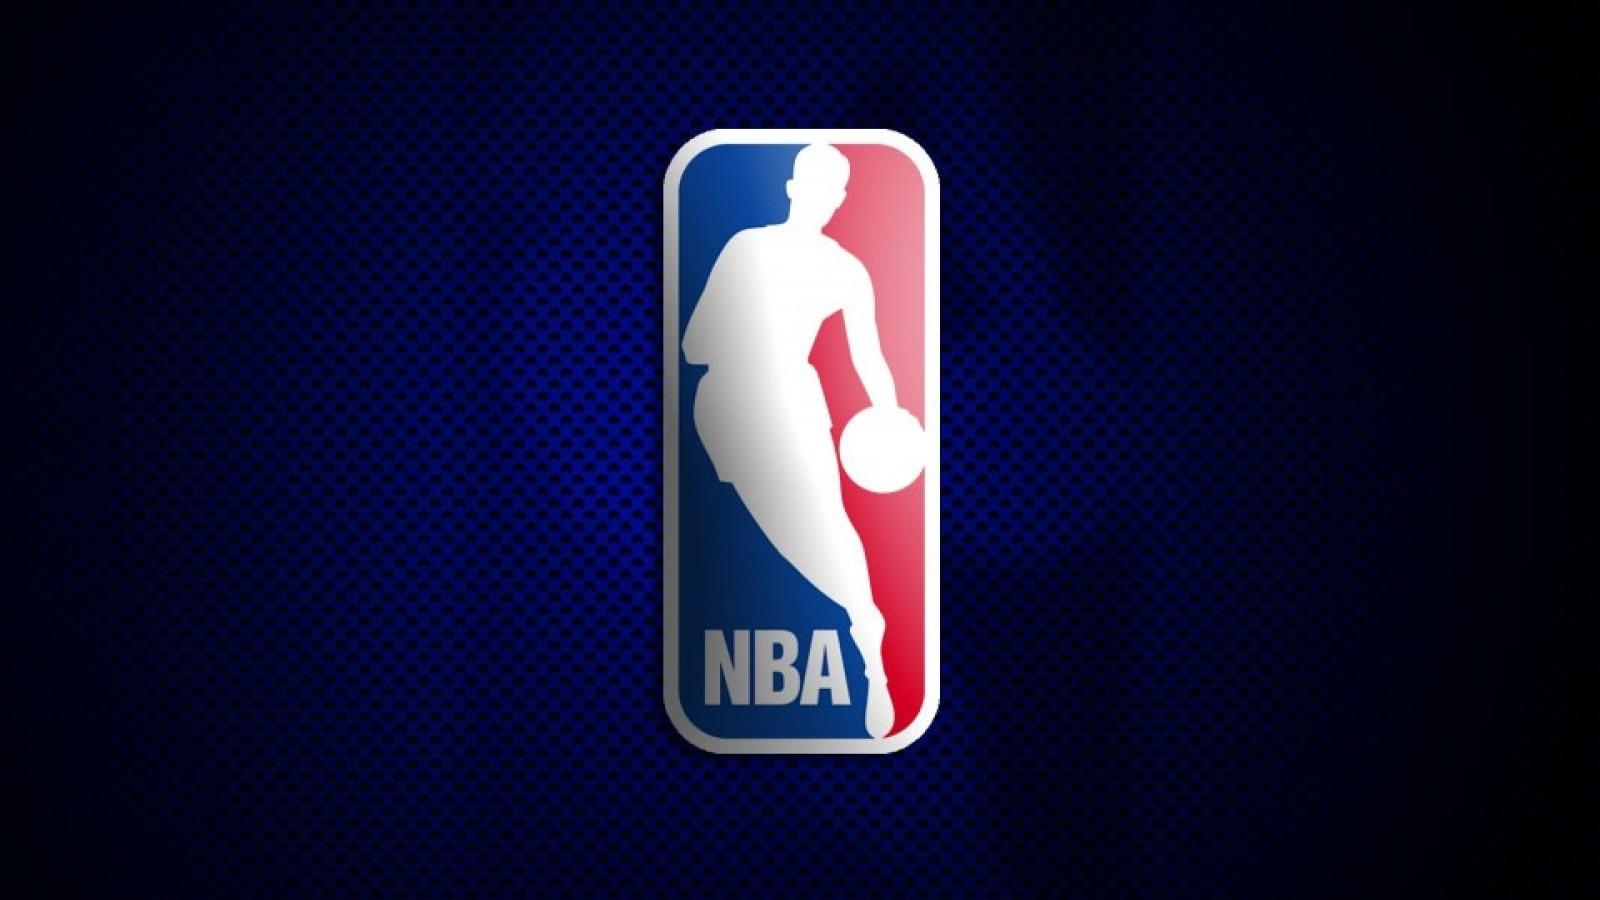 Найкращі моменти матчу плей-оф НБА 11 травня